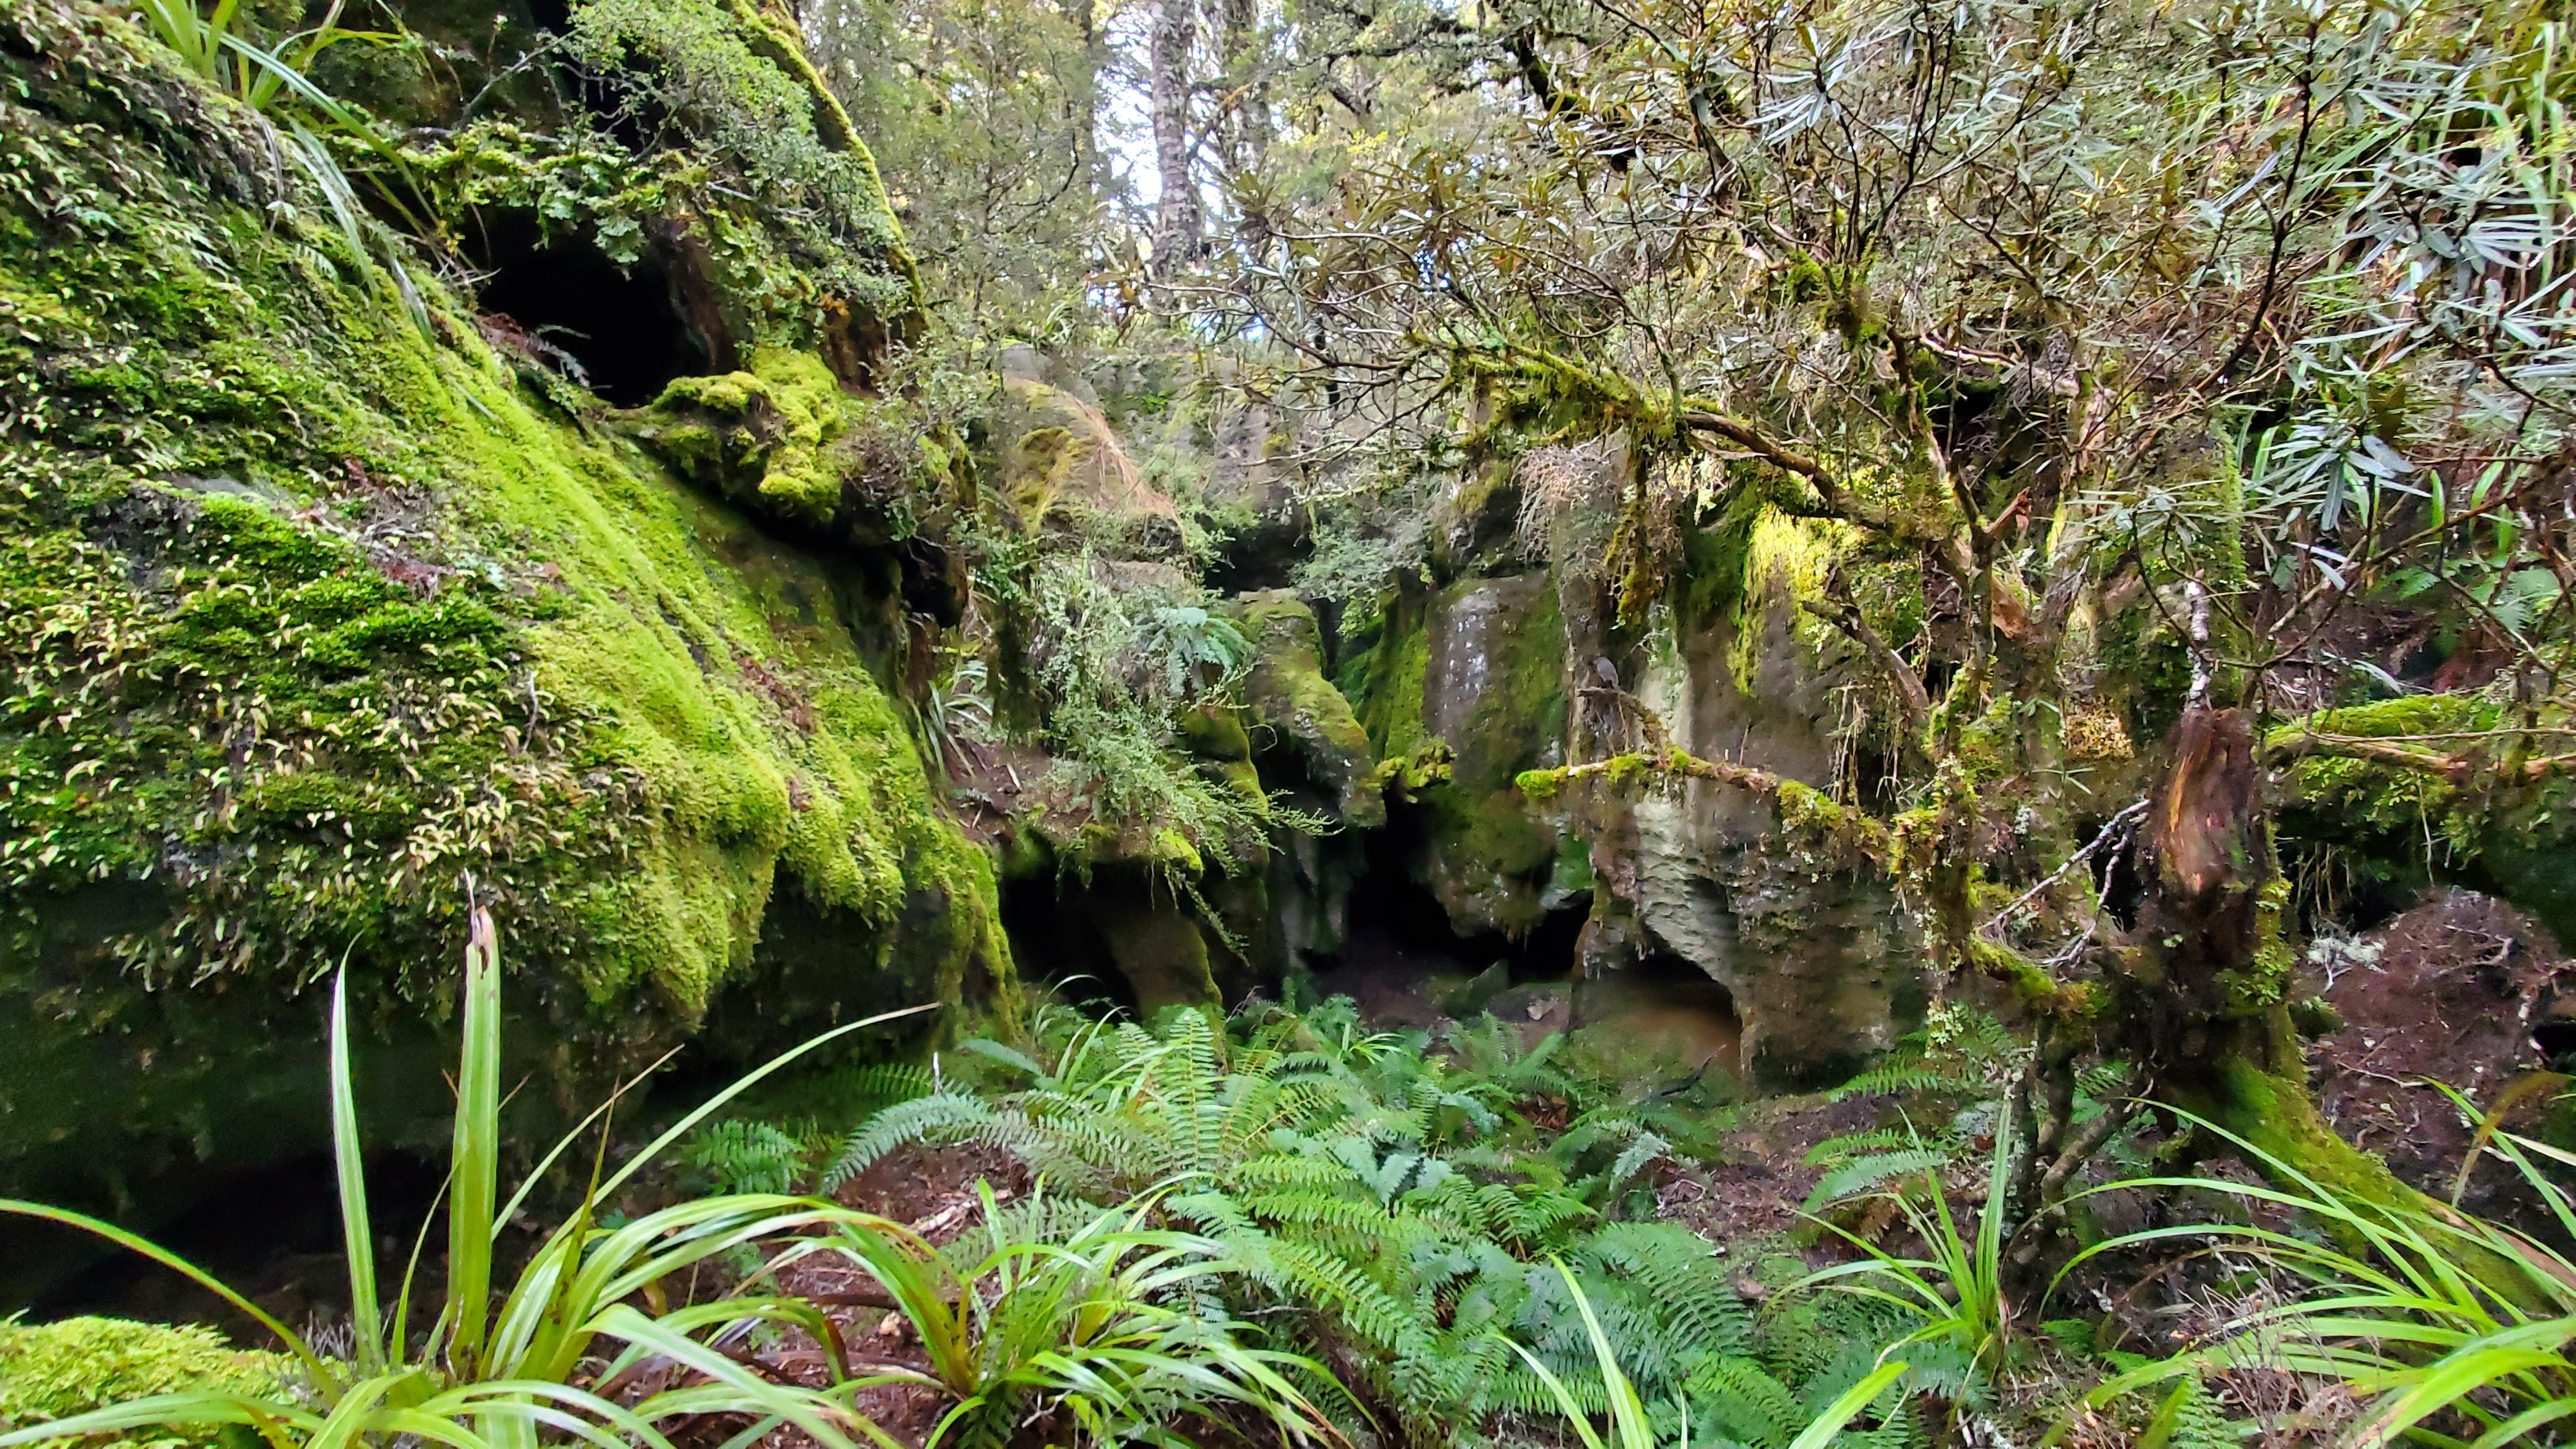 Caves near Balloon hut